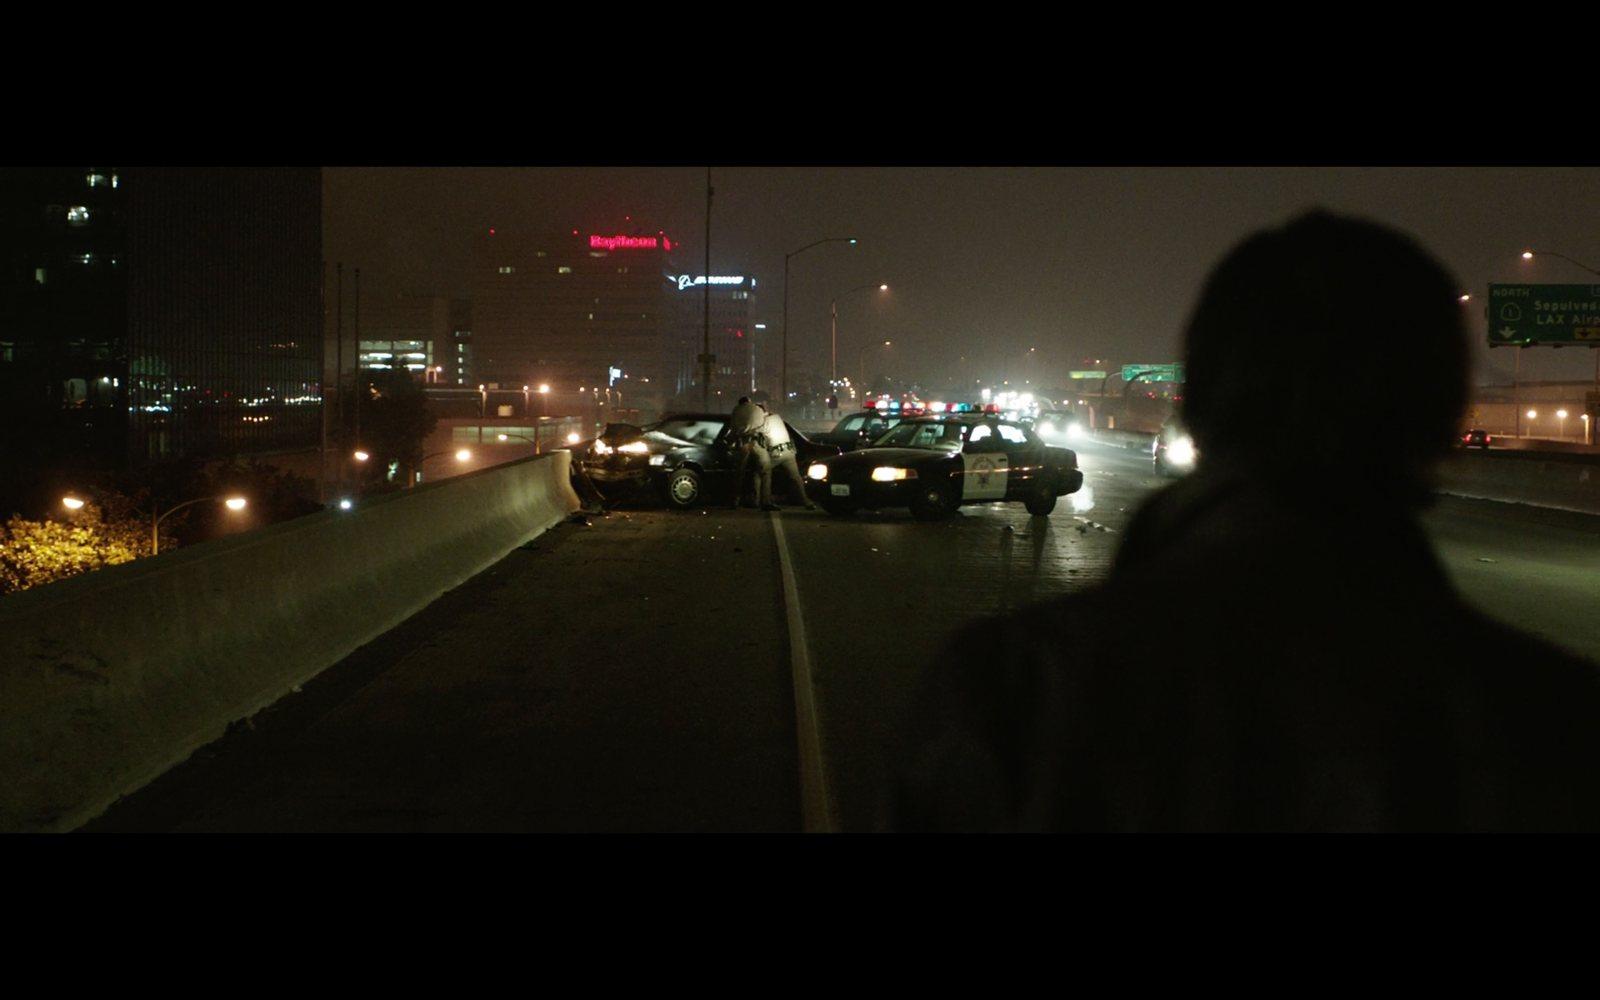 Nightcrawler Car Crash Scene